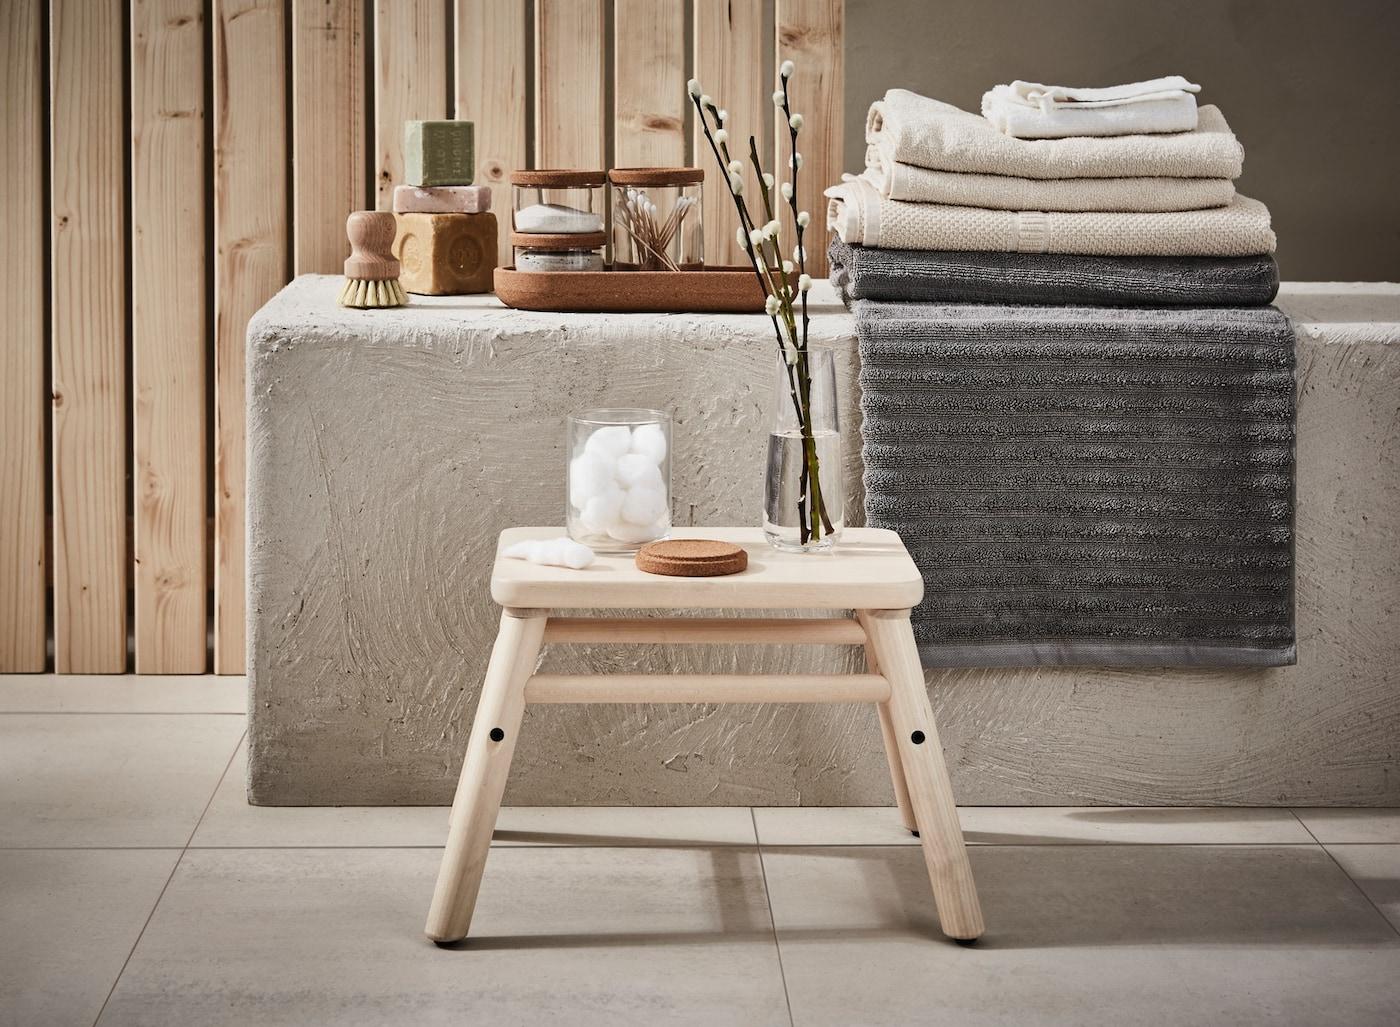 Hocker aus Holz vor einer Ablage mit beigen und grauen Handtüchern und Kleinaufbewahrung für das Badezimmer